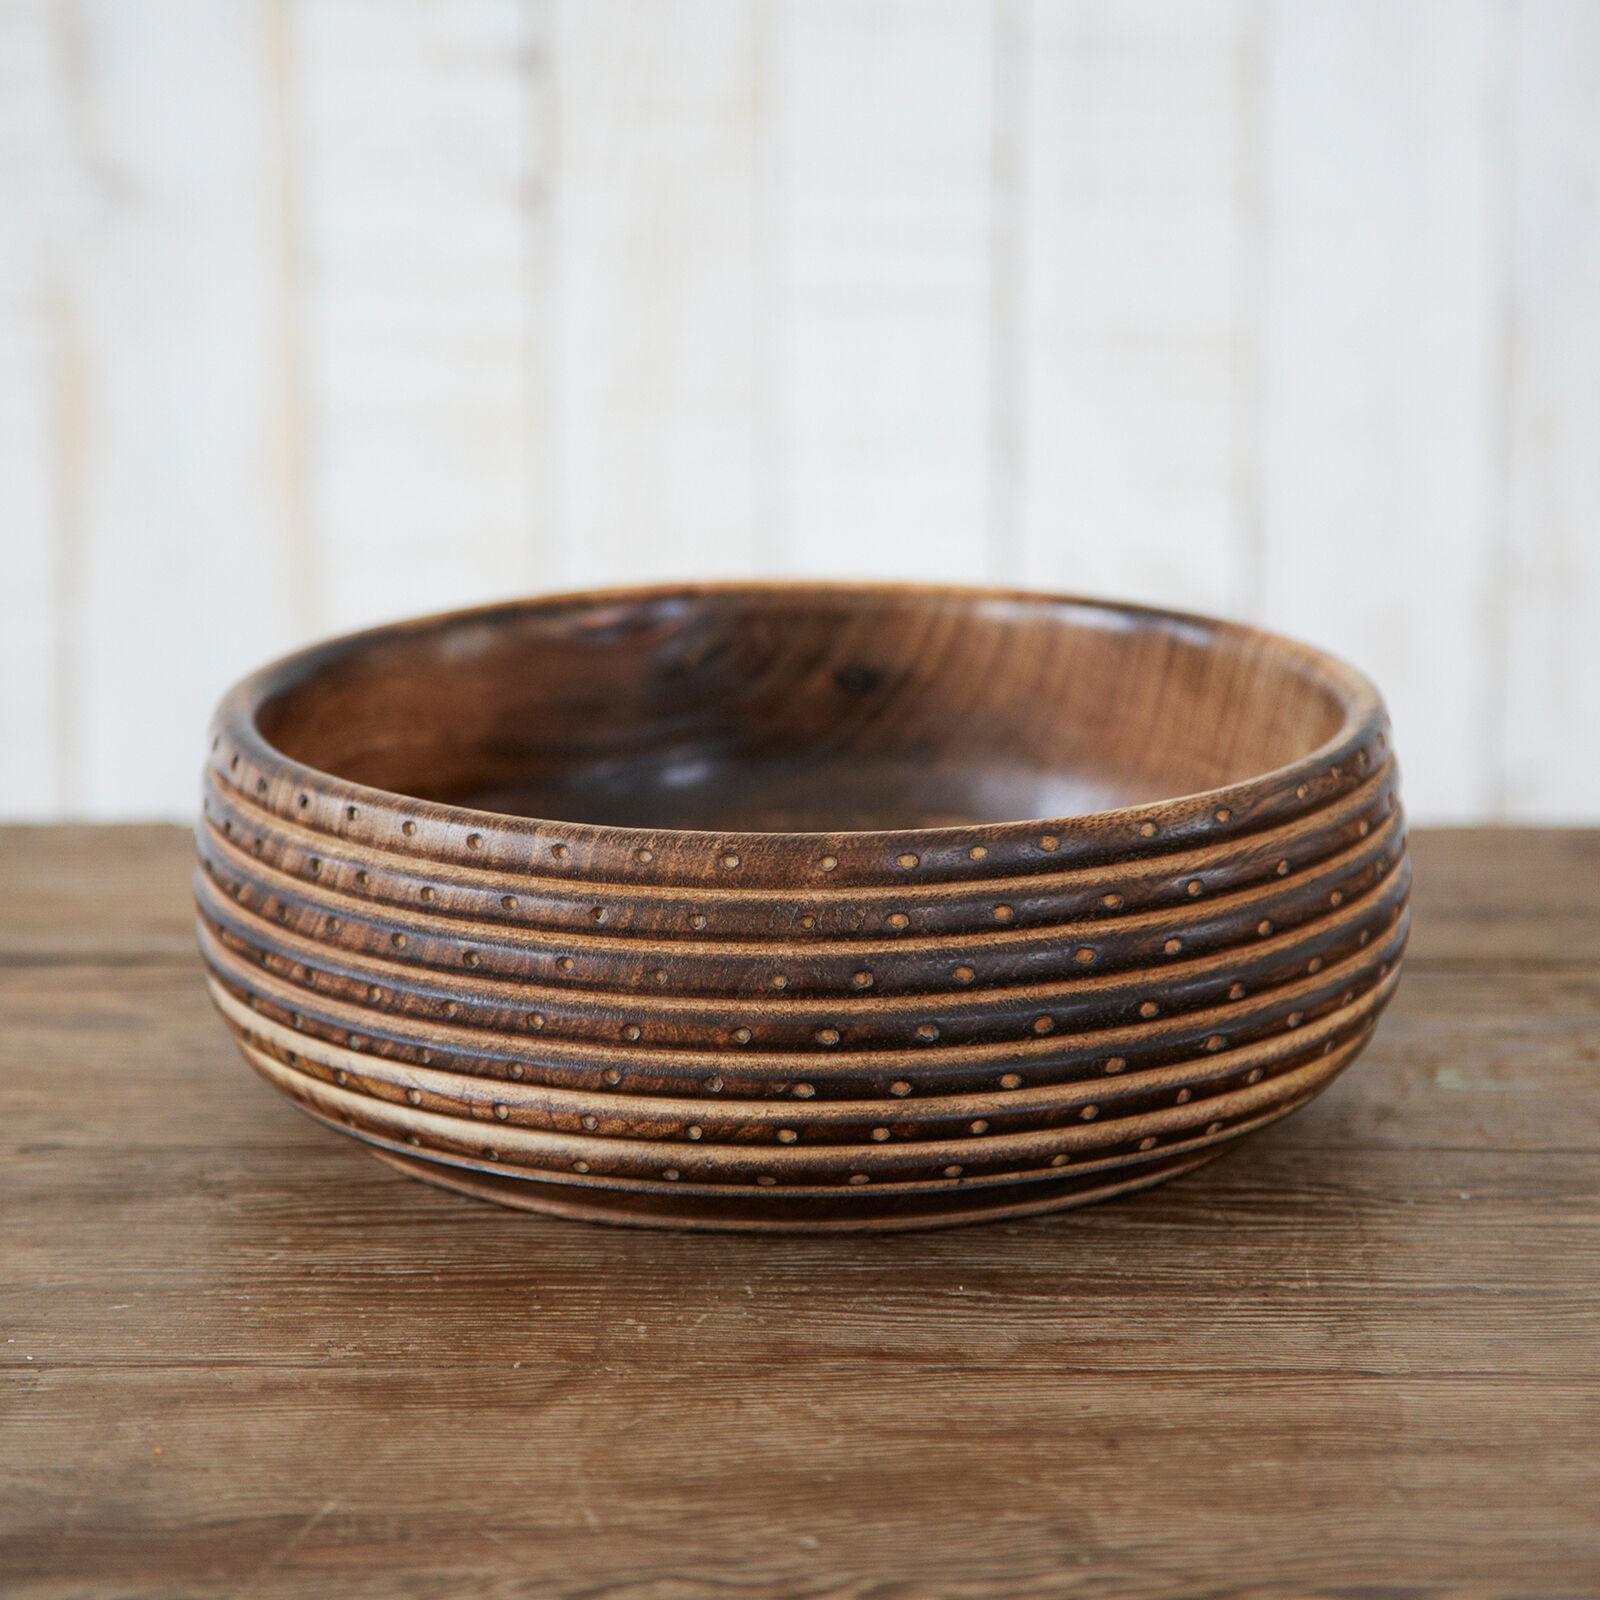 Fair Trade Handgemacht Natürlich Geschnitzt Mango Holz Spüle - Nachhaltigkeit